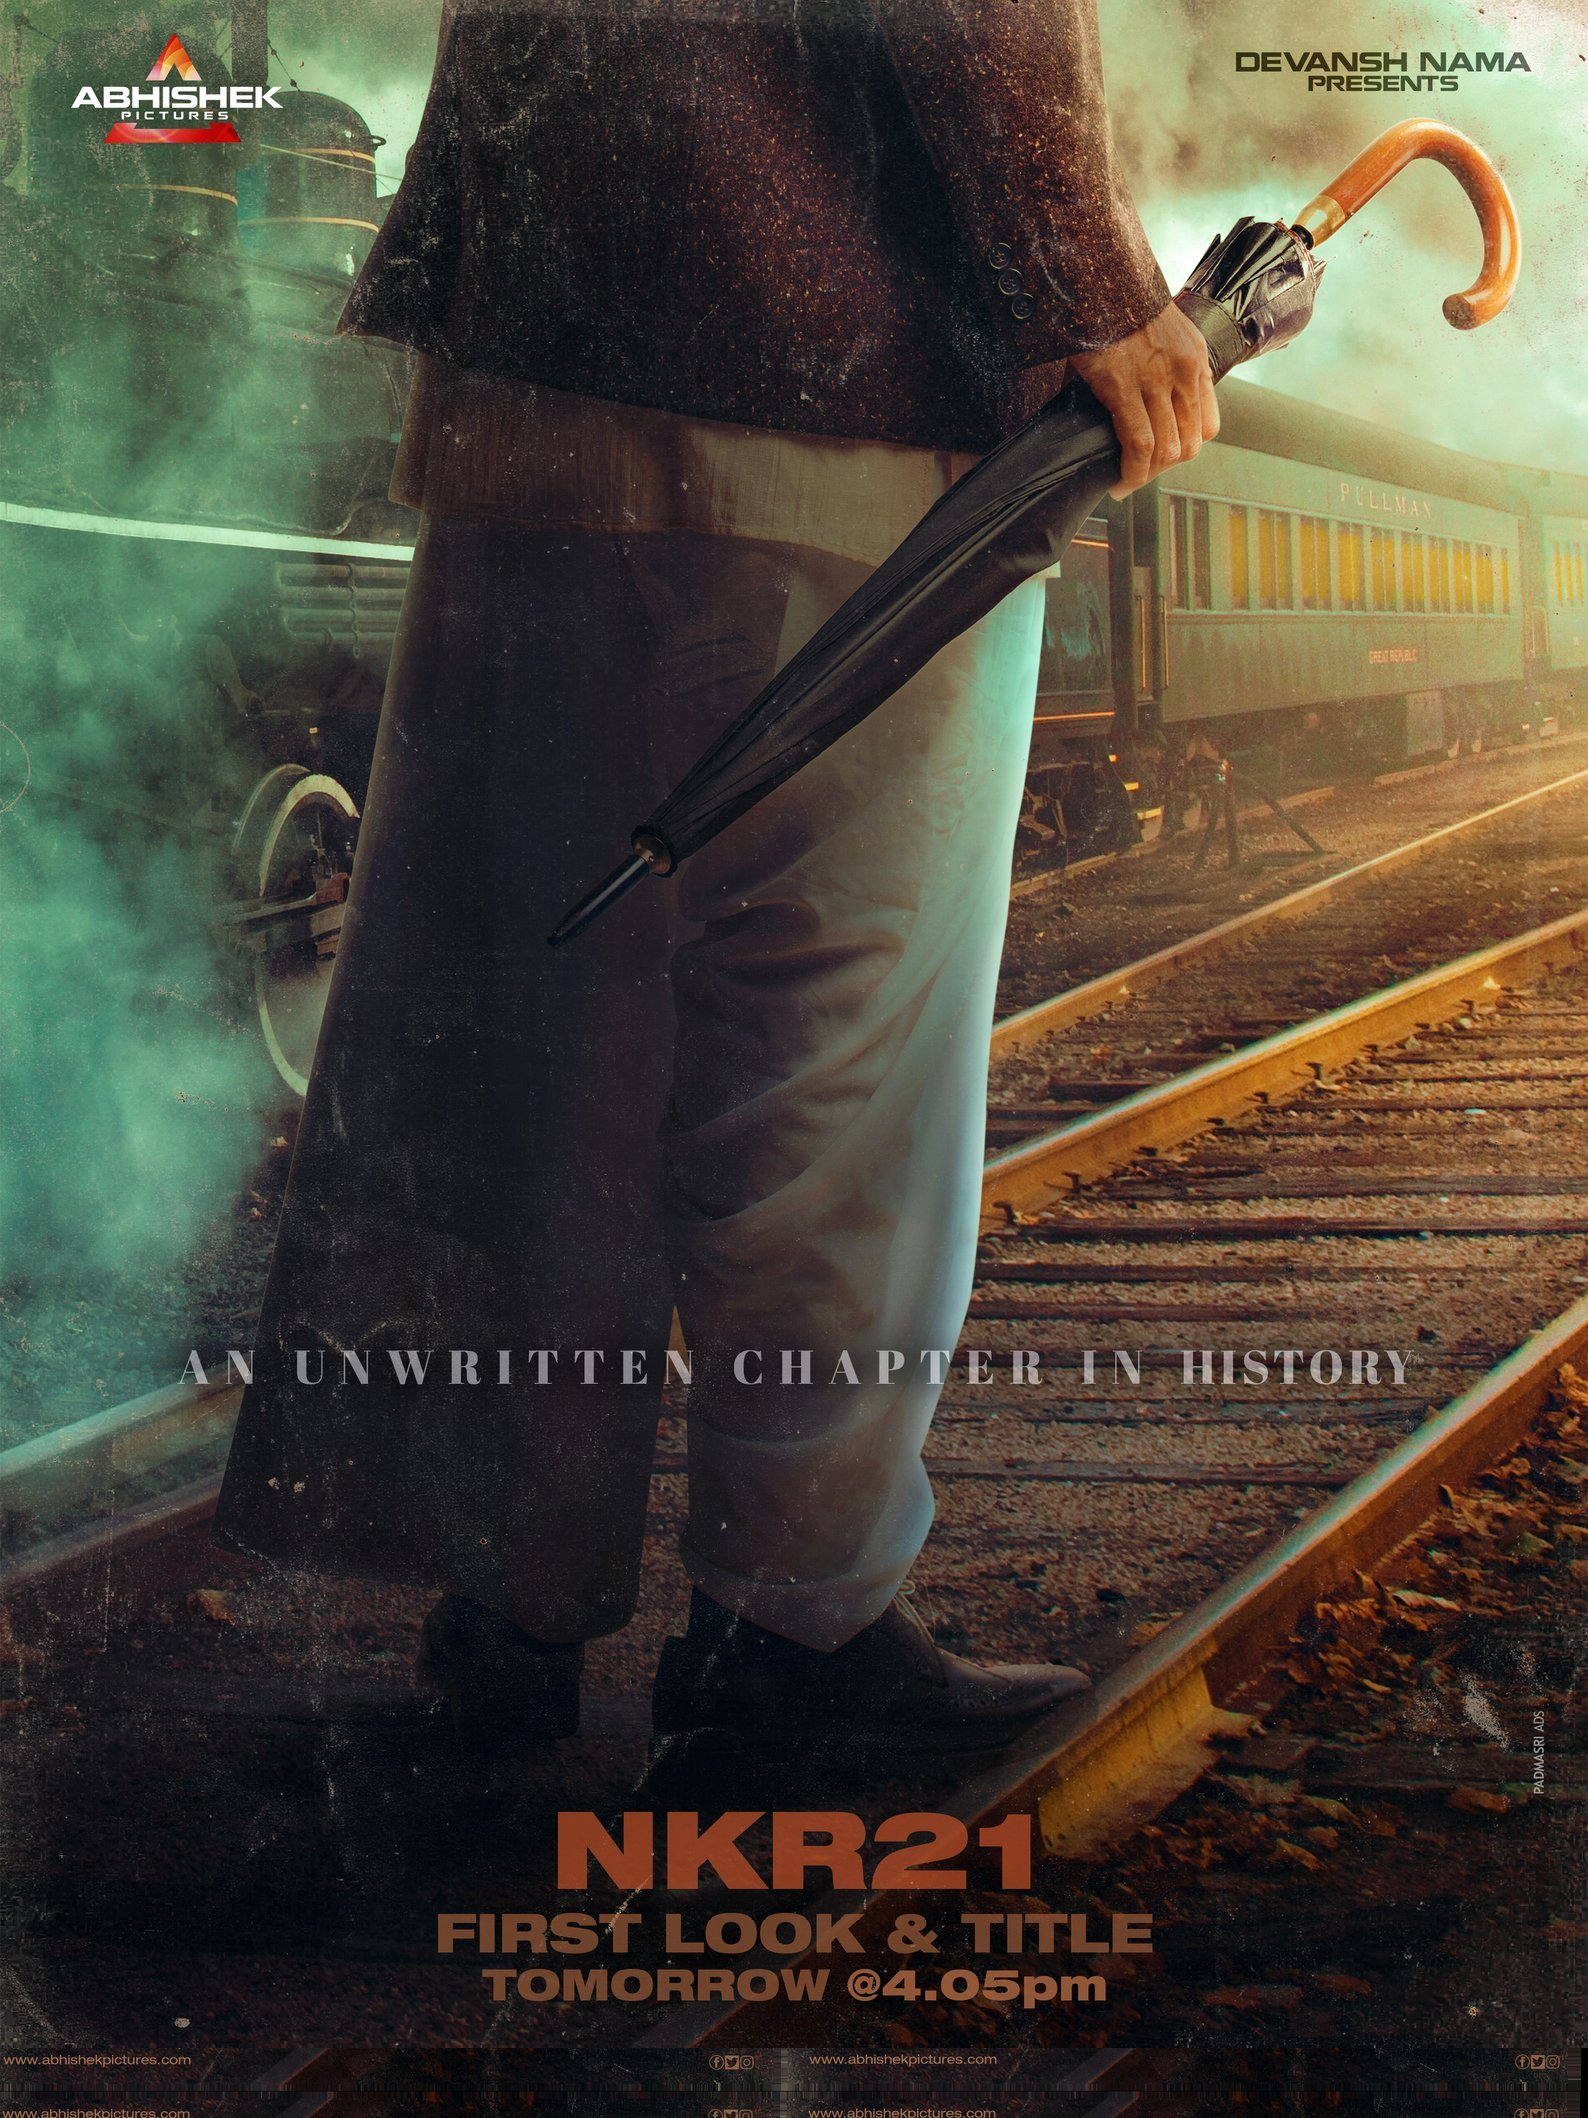 Nandamuri Kalyan Ram Next NRK21 title announcement poster